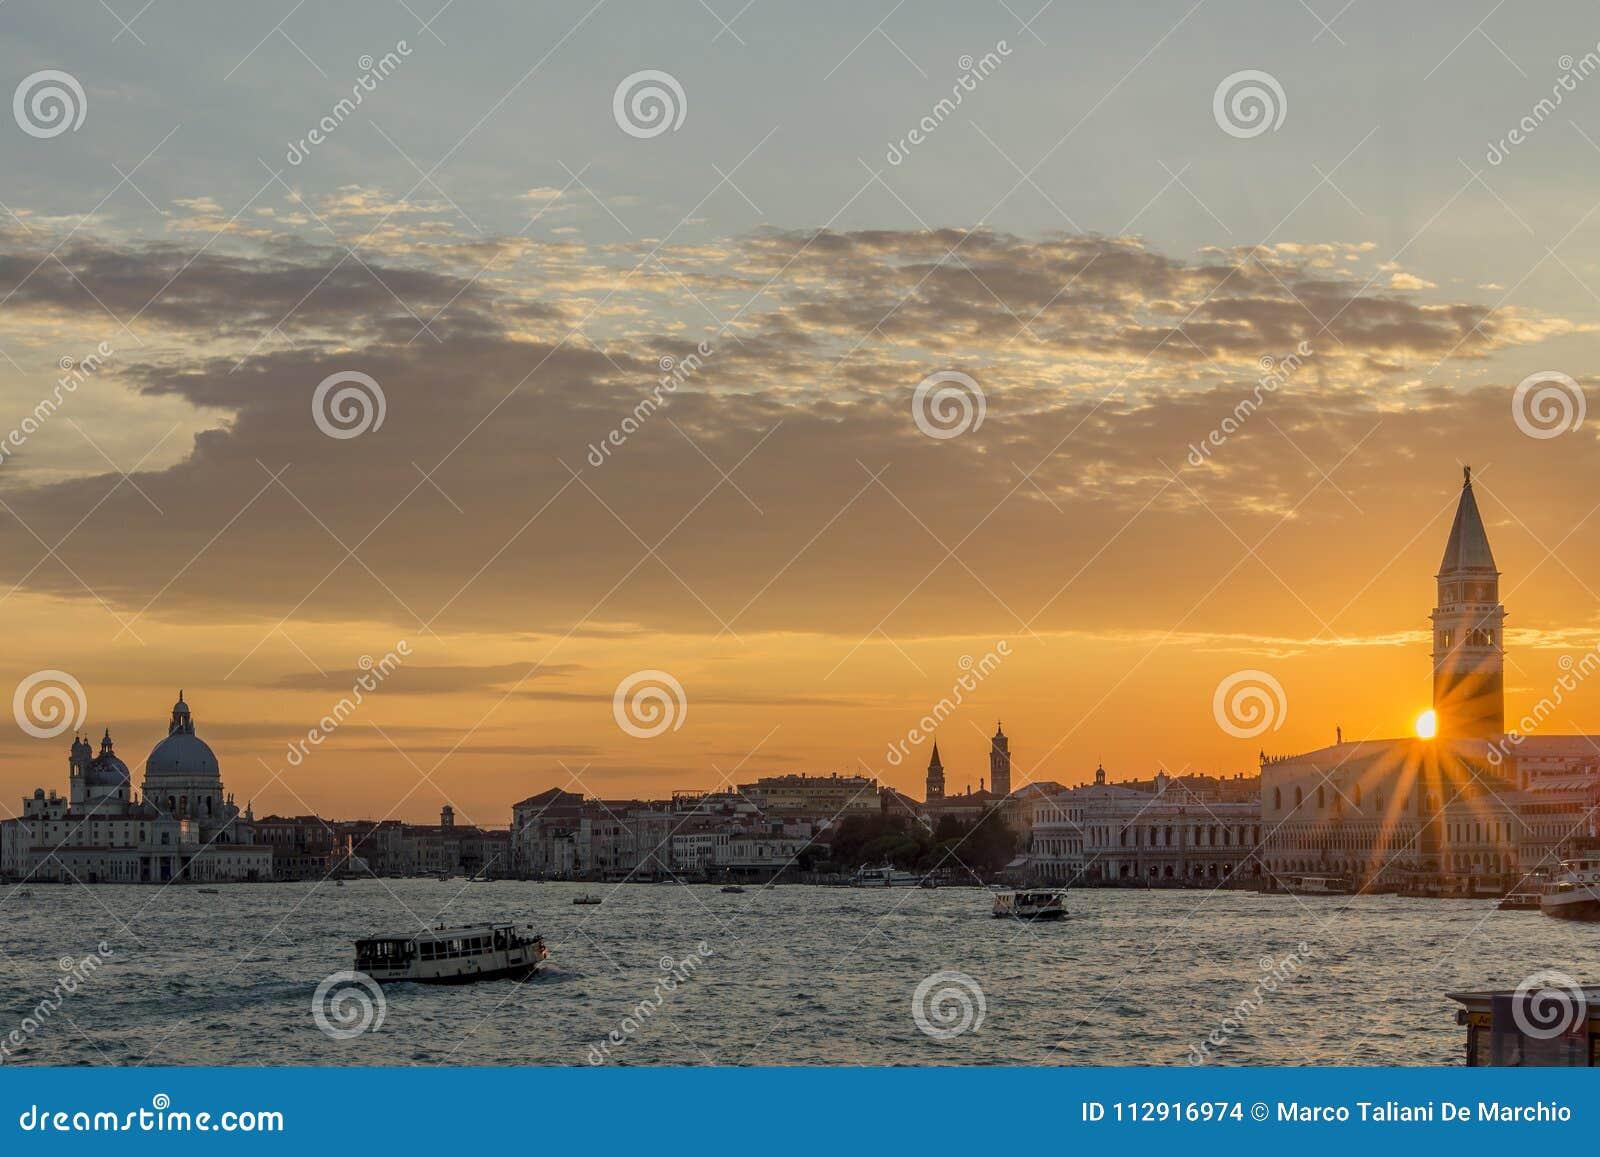 Härlig solnedgång på den Venetian lagun, Venedig, Italien